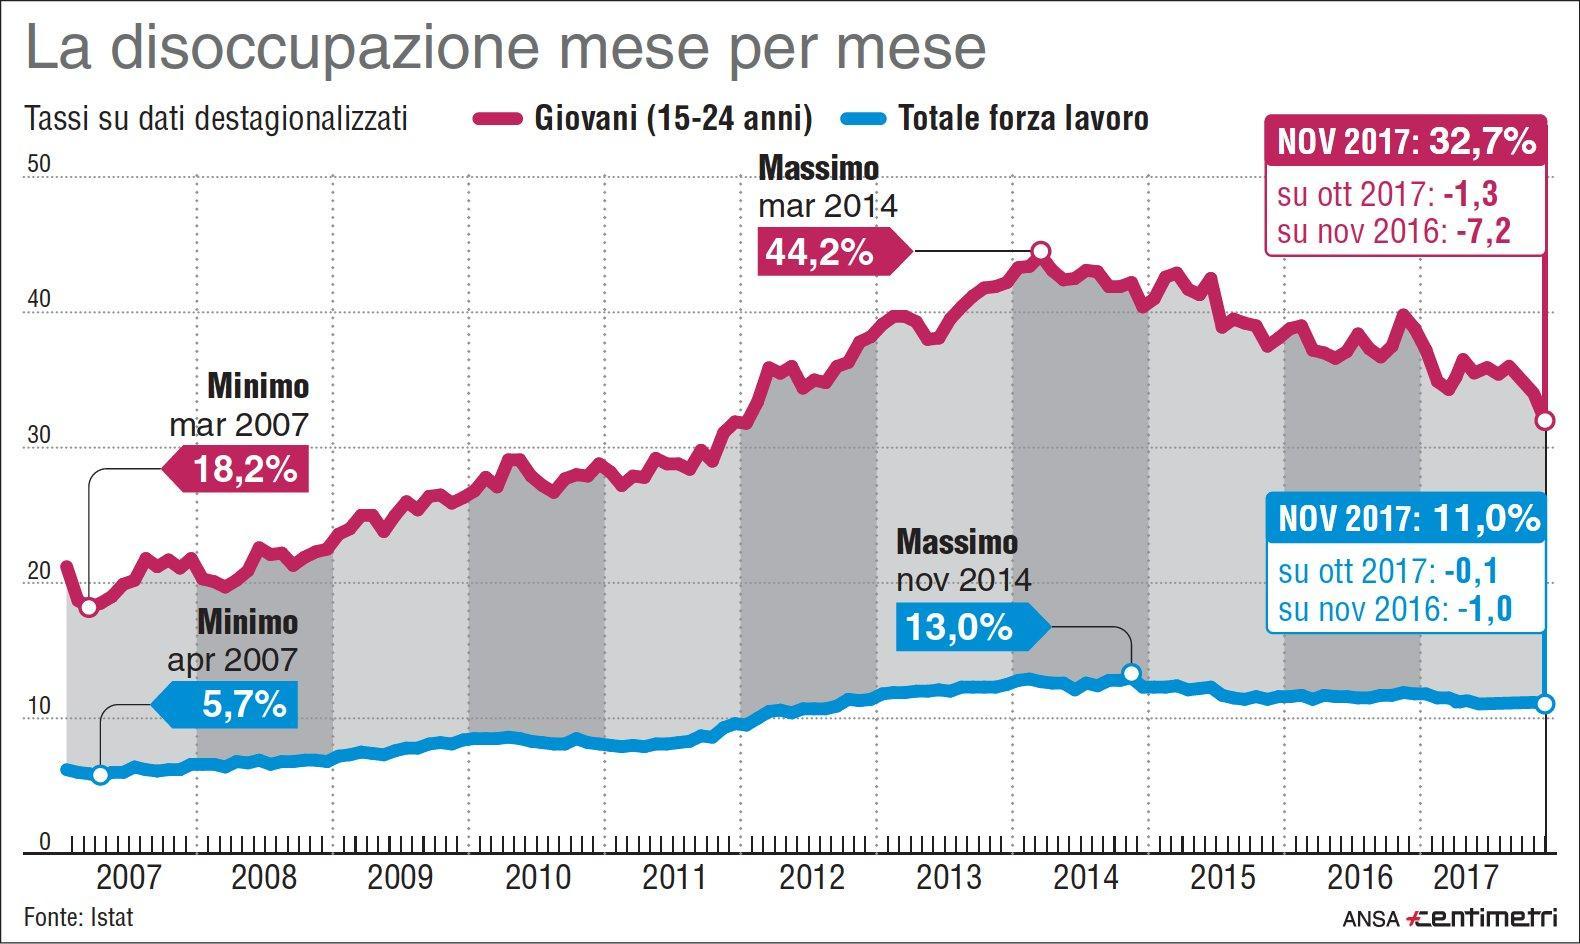 Disoccupazione, dal 2007 a oggi mese per mese